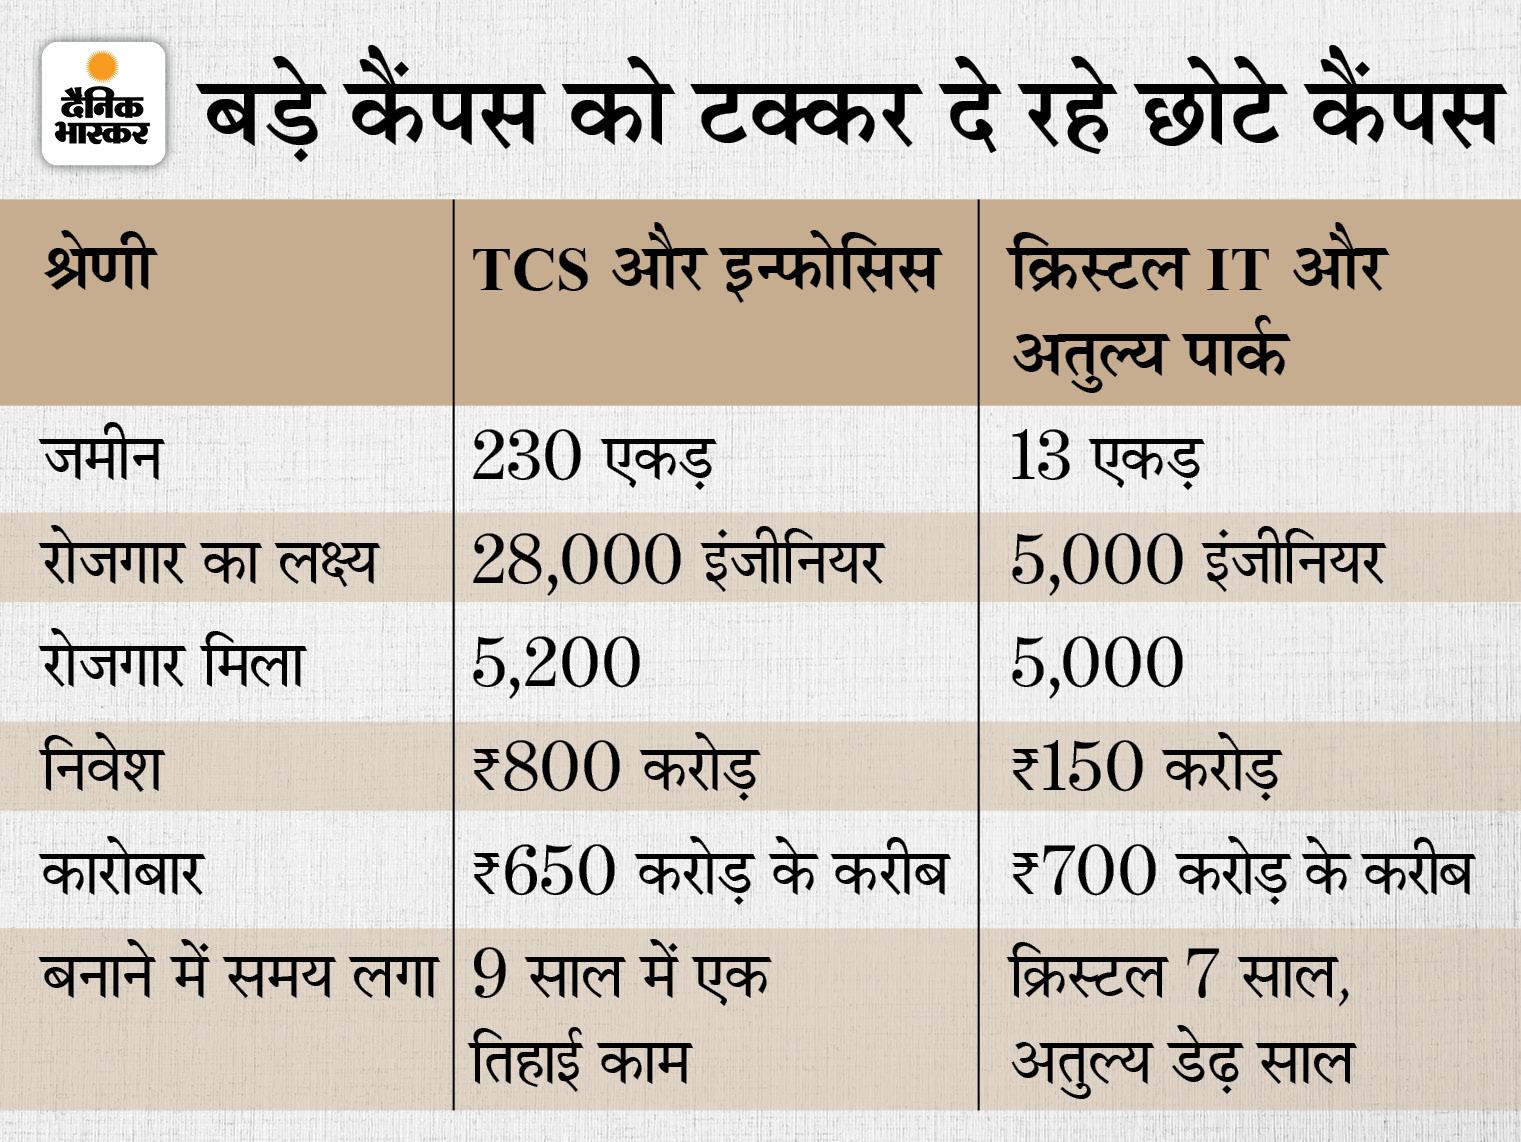 जमीन, रोजगार से लेकर कारोबार में बड़ों को टक्कर दे रहे छोटे कैंपस - Dainik Bhaskar